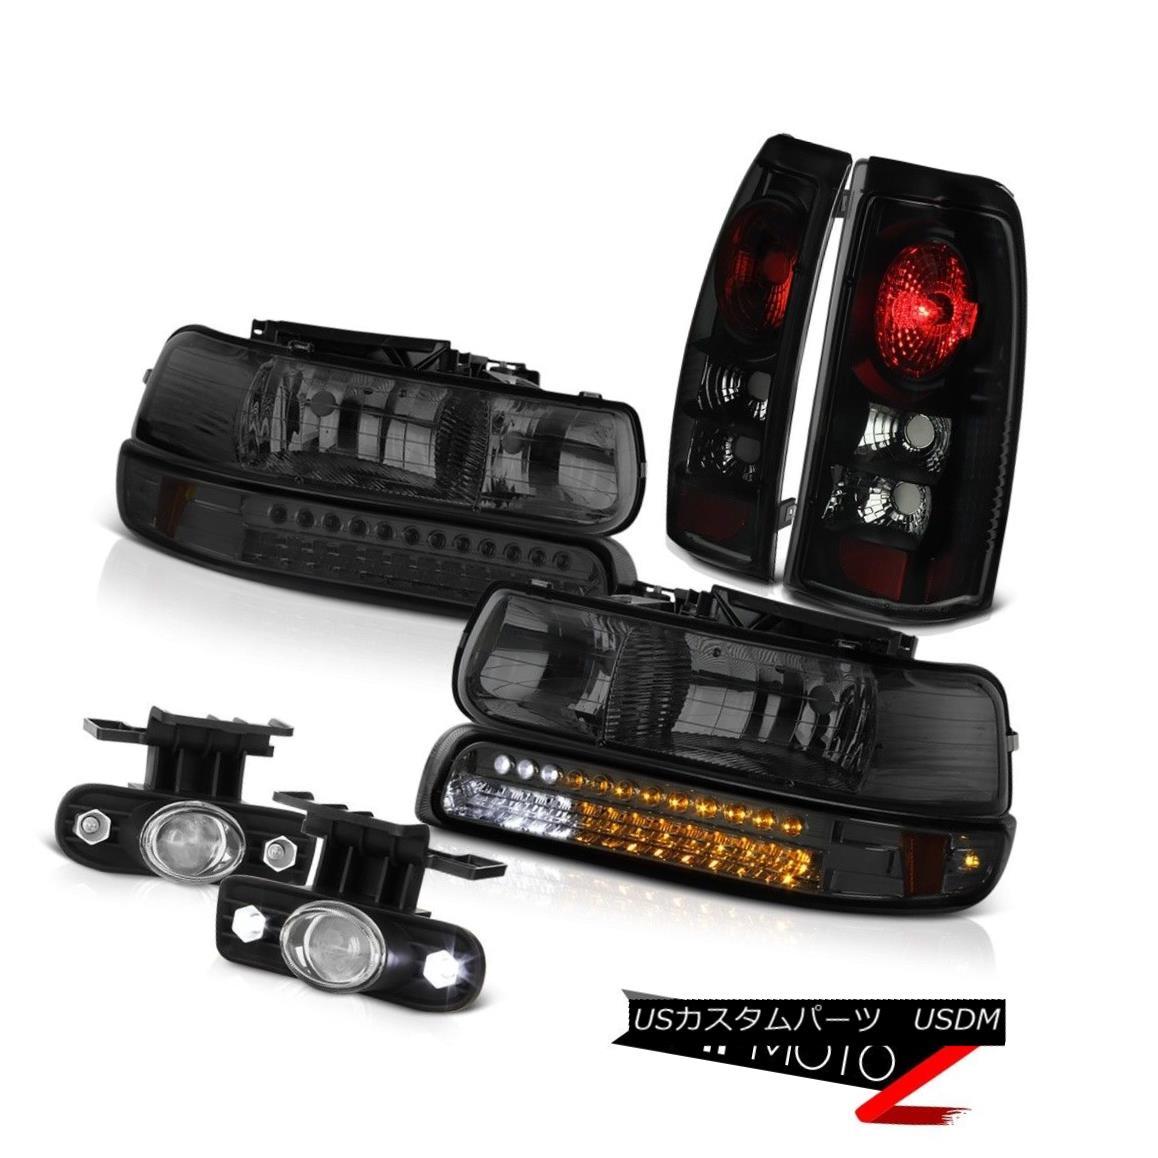 テールライト 1999-2002 Chevy Silverado LT LED Smoke Bumper+Head Lamps Sinister Black Foglight 1999-2002 Chevy Silverado LT LEDスモークバンパー+ヘッドランプSinister Black Foglight